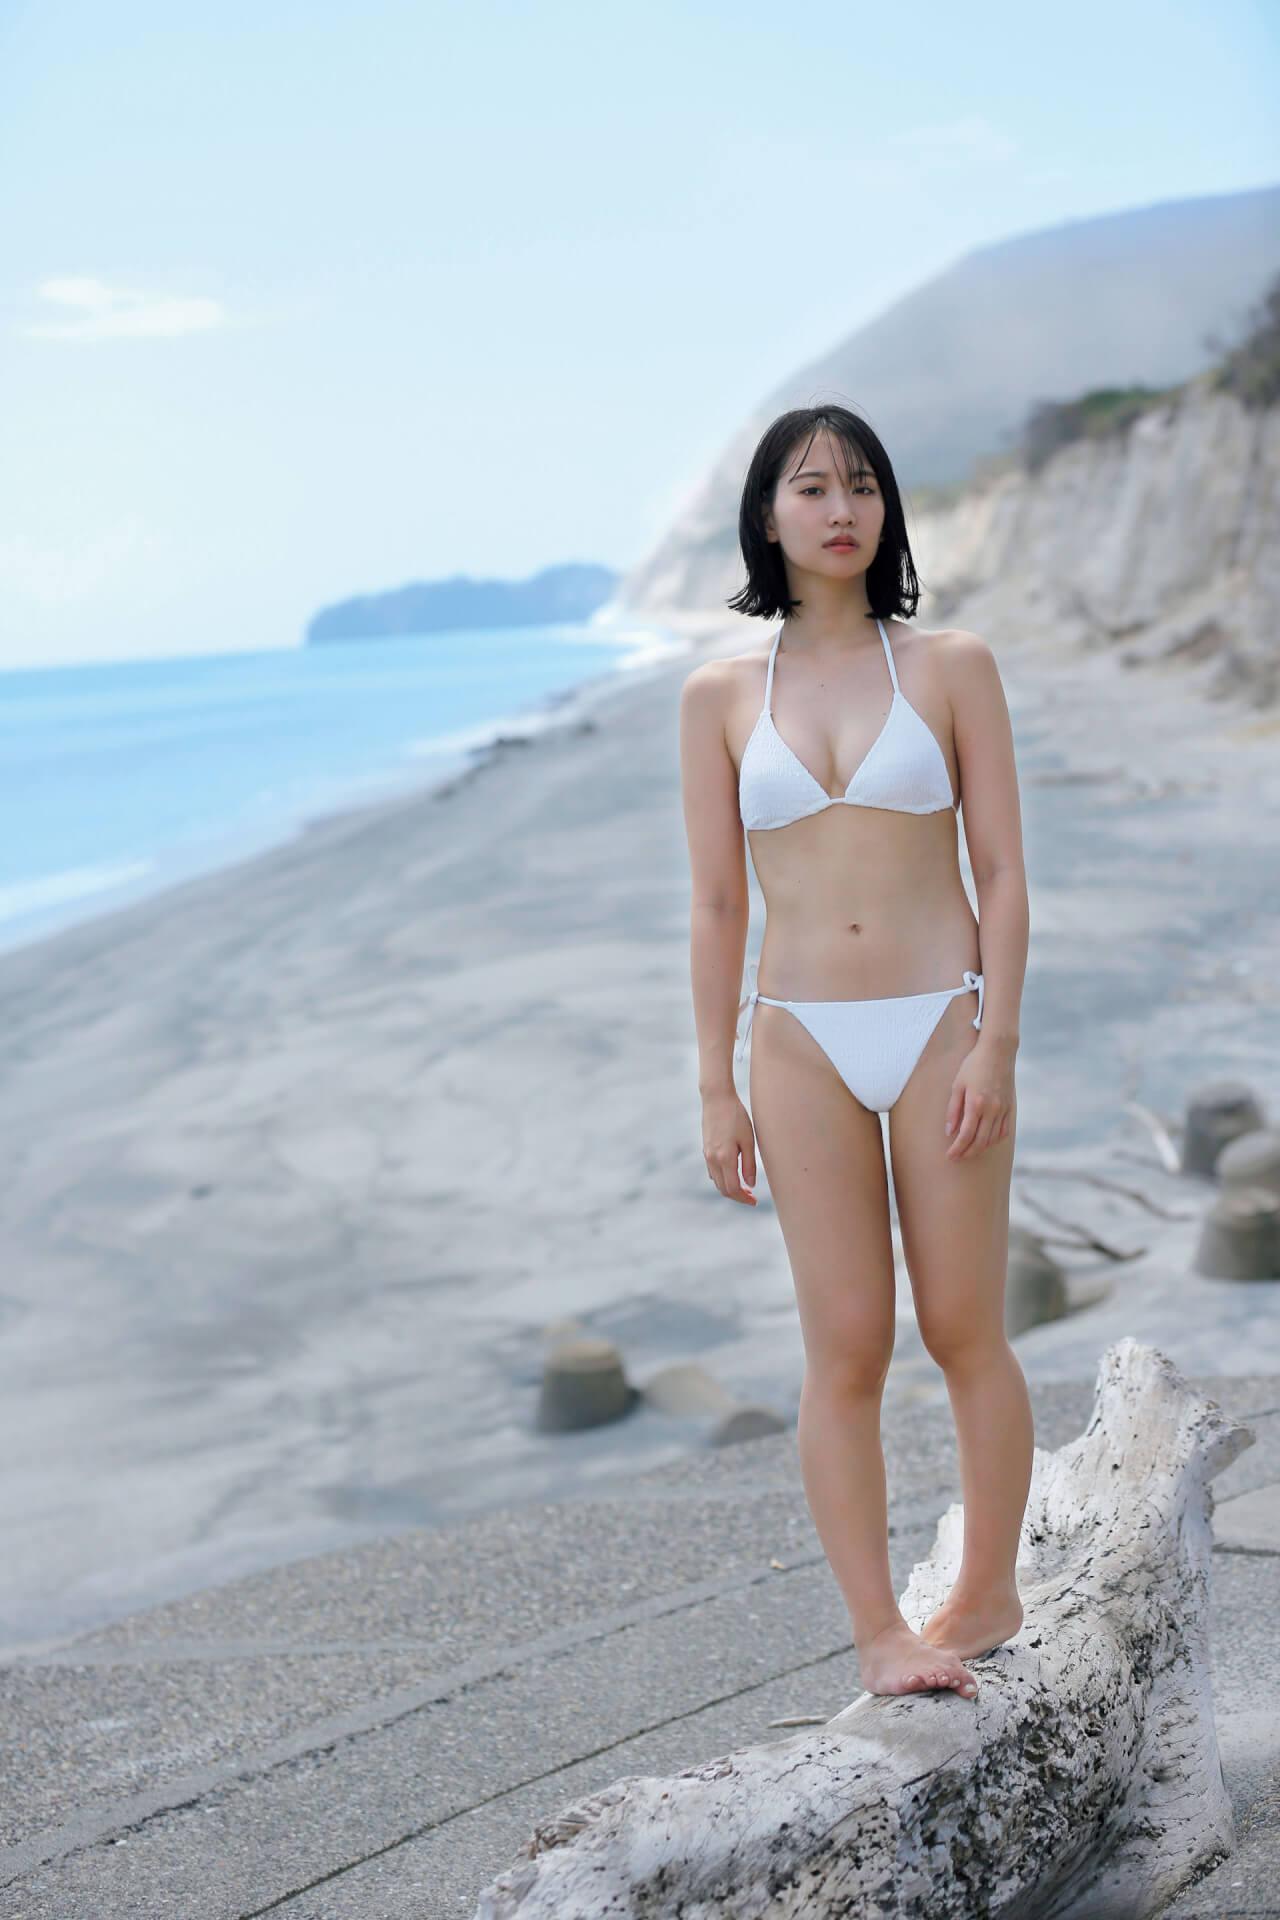 永尾まりやが女子旅でセクシーなランジェリー姿を披露!本日発売の『FLASH』表紙には『あな番』で大ブレイクの奈緒も art200908_flash_2